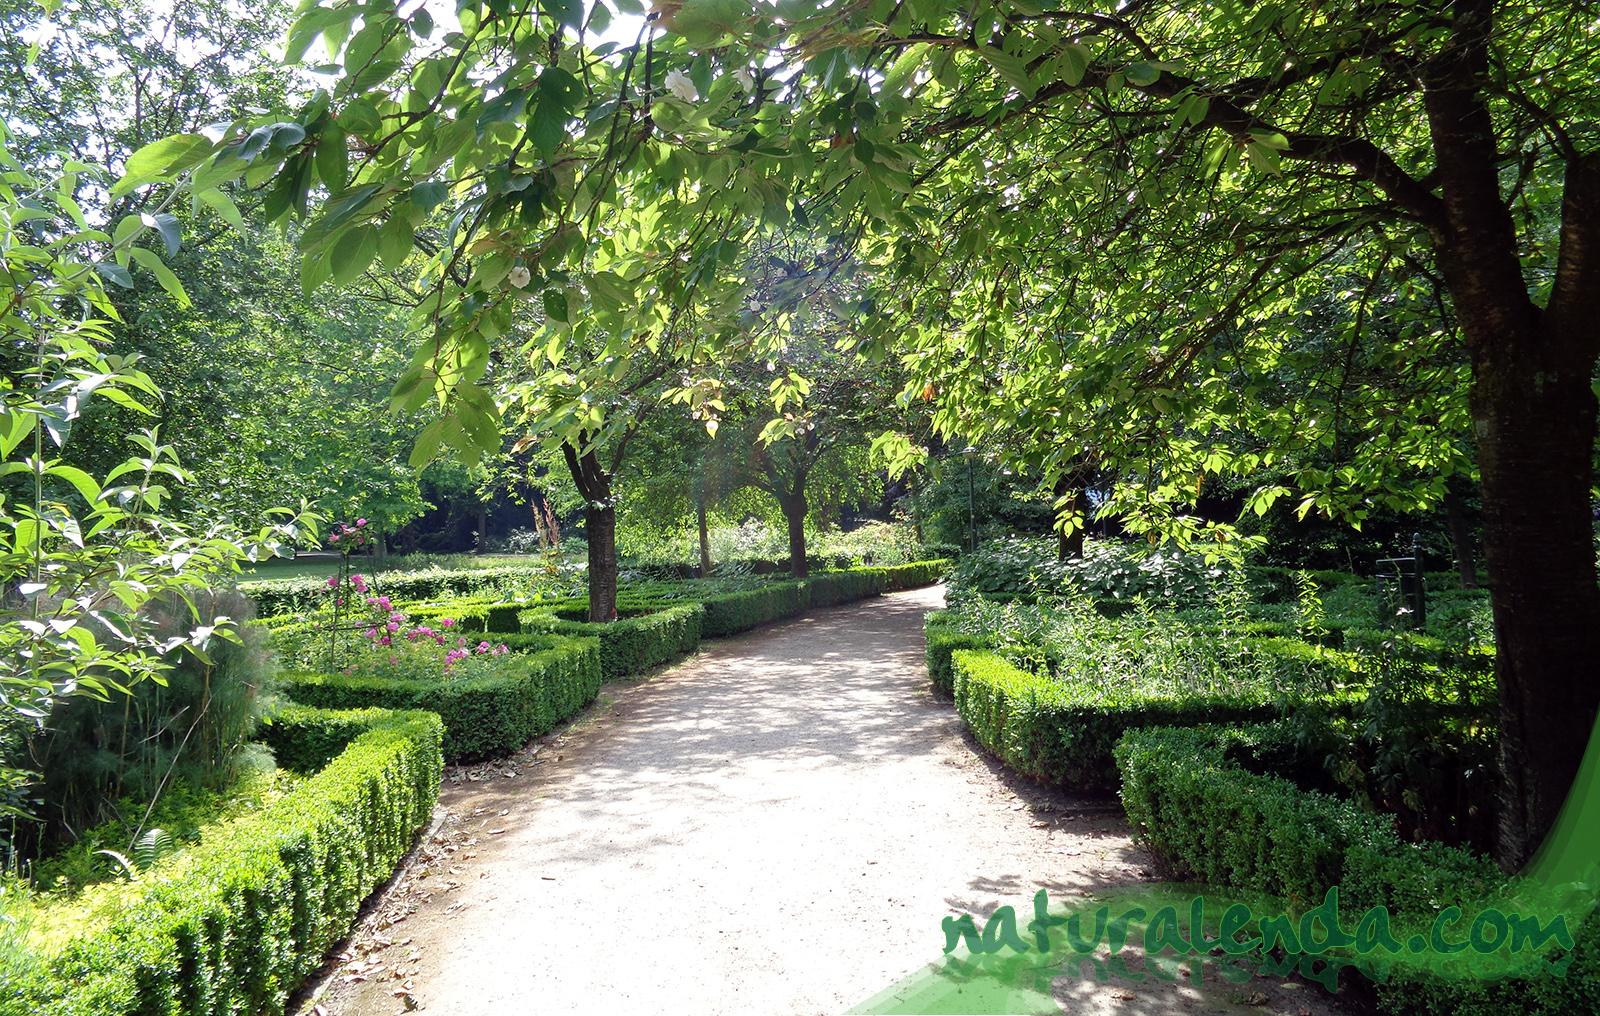 jardin de estilo clasico